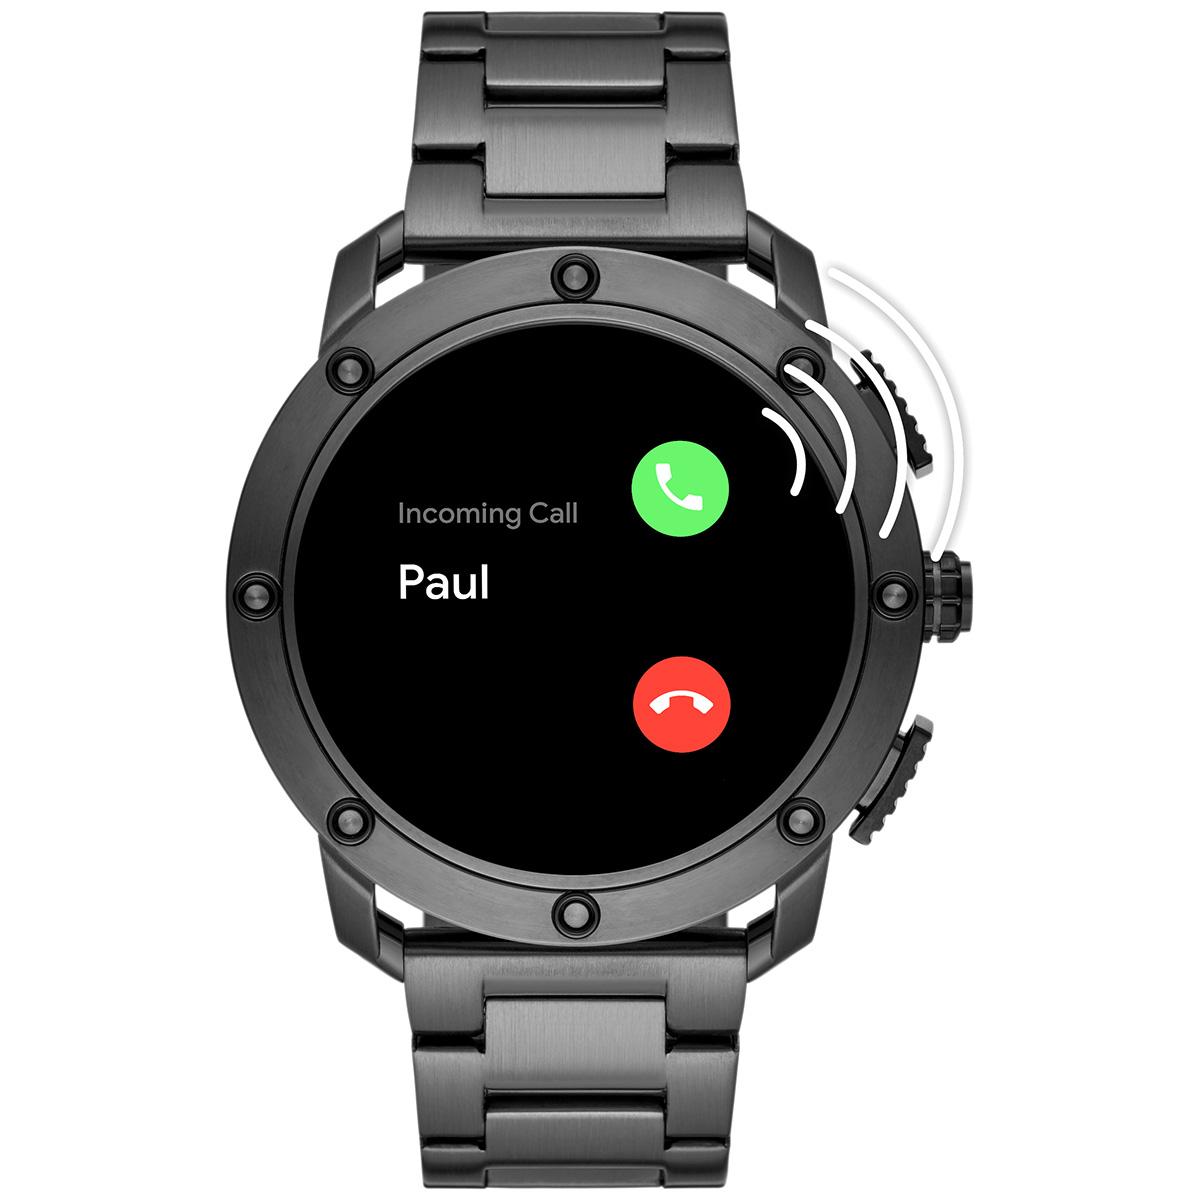 ディーゼル DIESEL ON スマートウォッチ ウェアラブル 腕時計 メンズ アキシャル AXIAL DZT2017